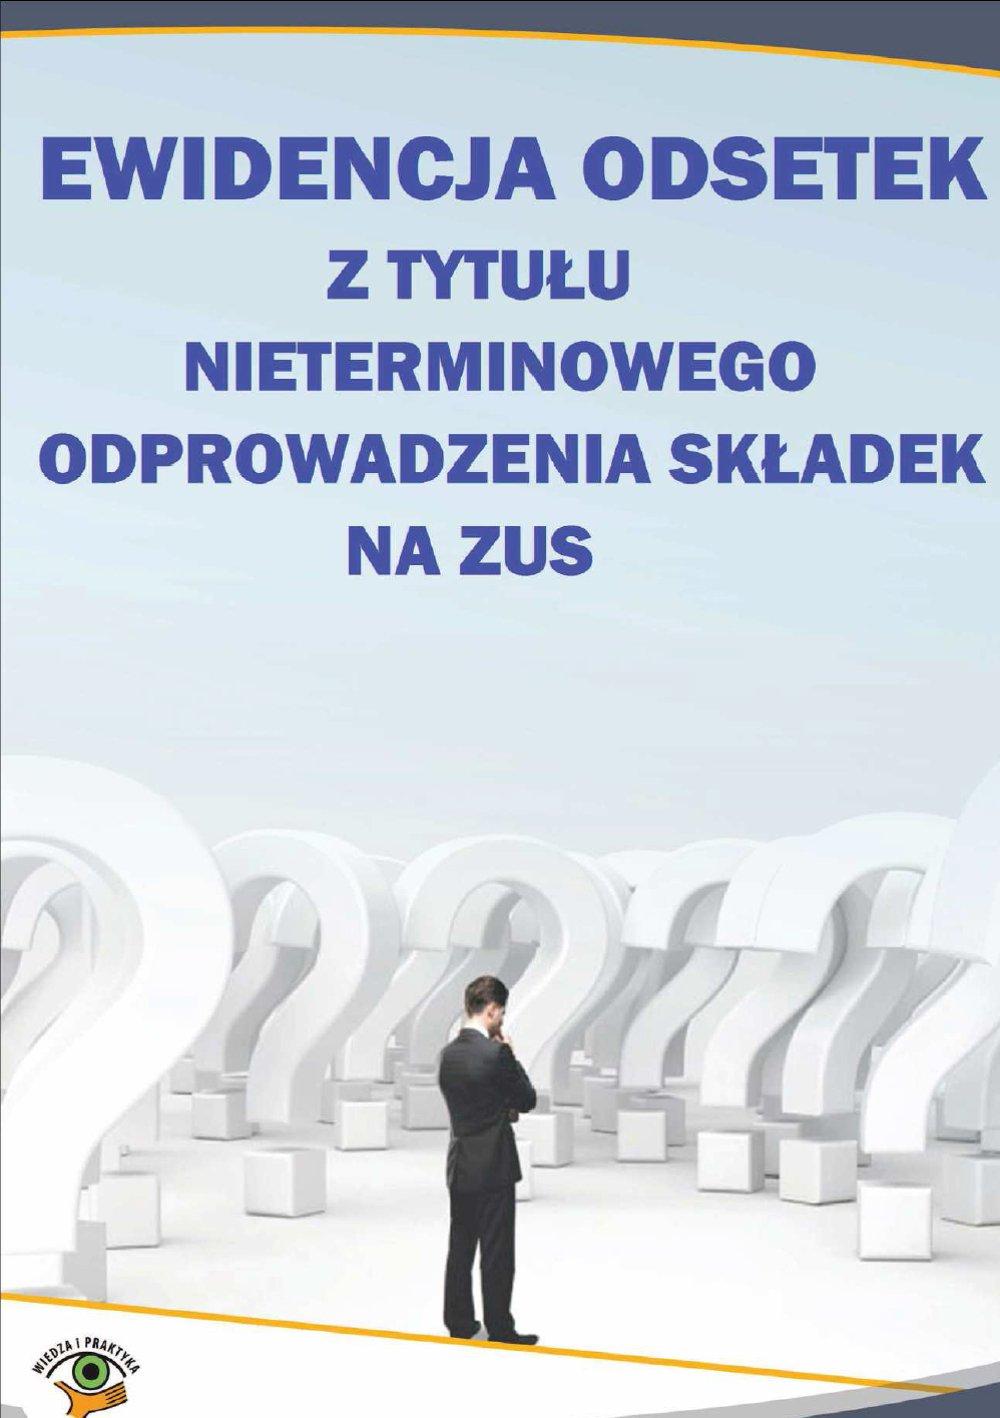 Ewidencja odsetek z tytułu nieterminowego odprowadzenia składek na ZUS - Ebook (Książka PDF) do pobrania w formacie PDF